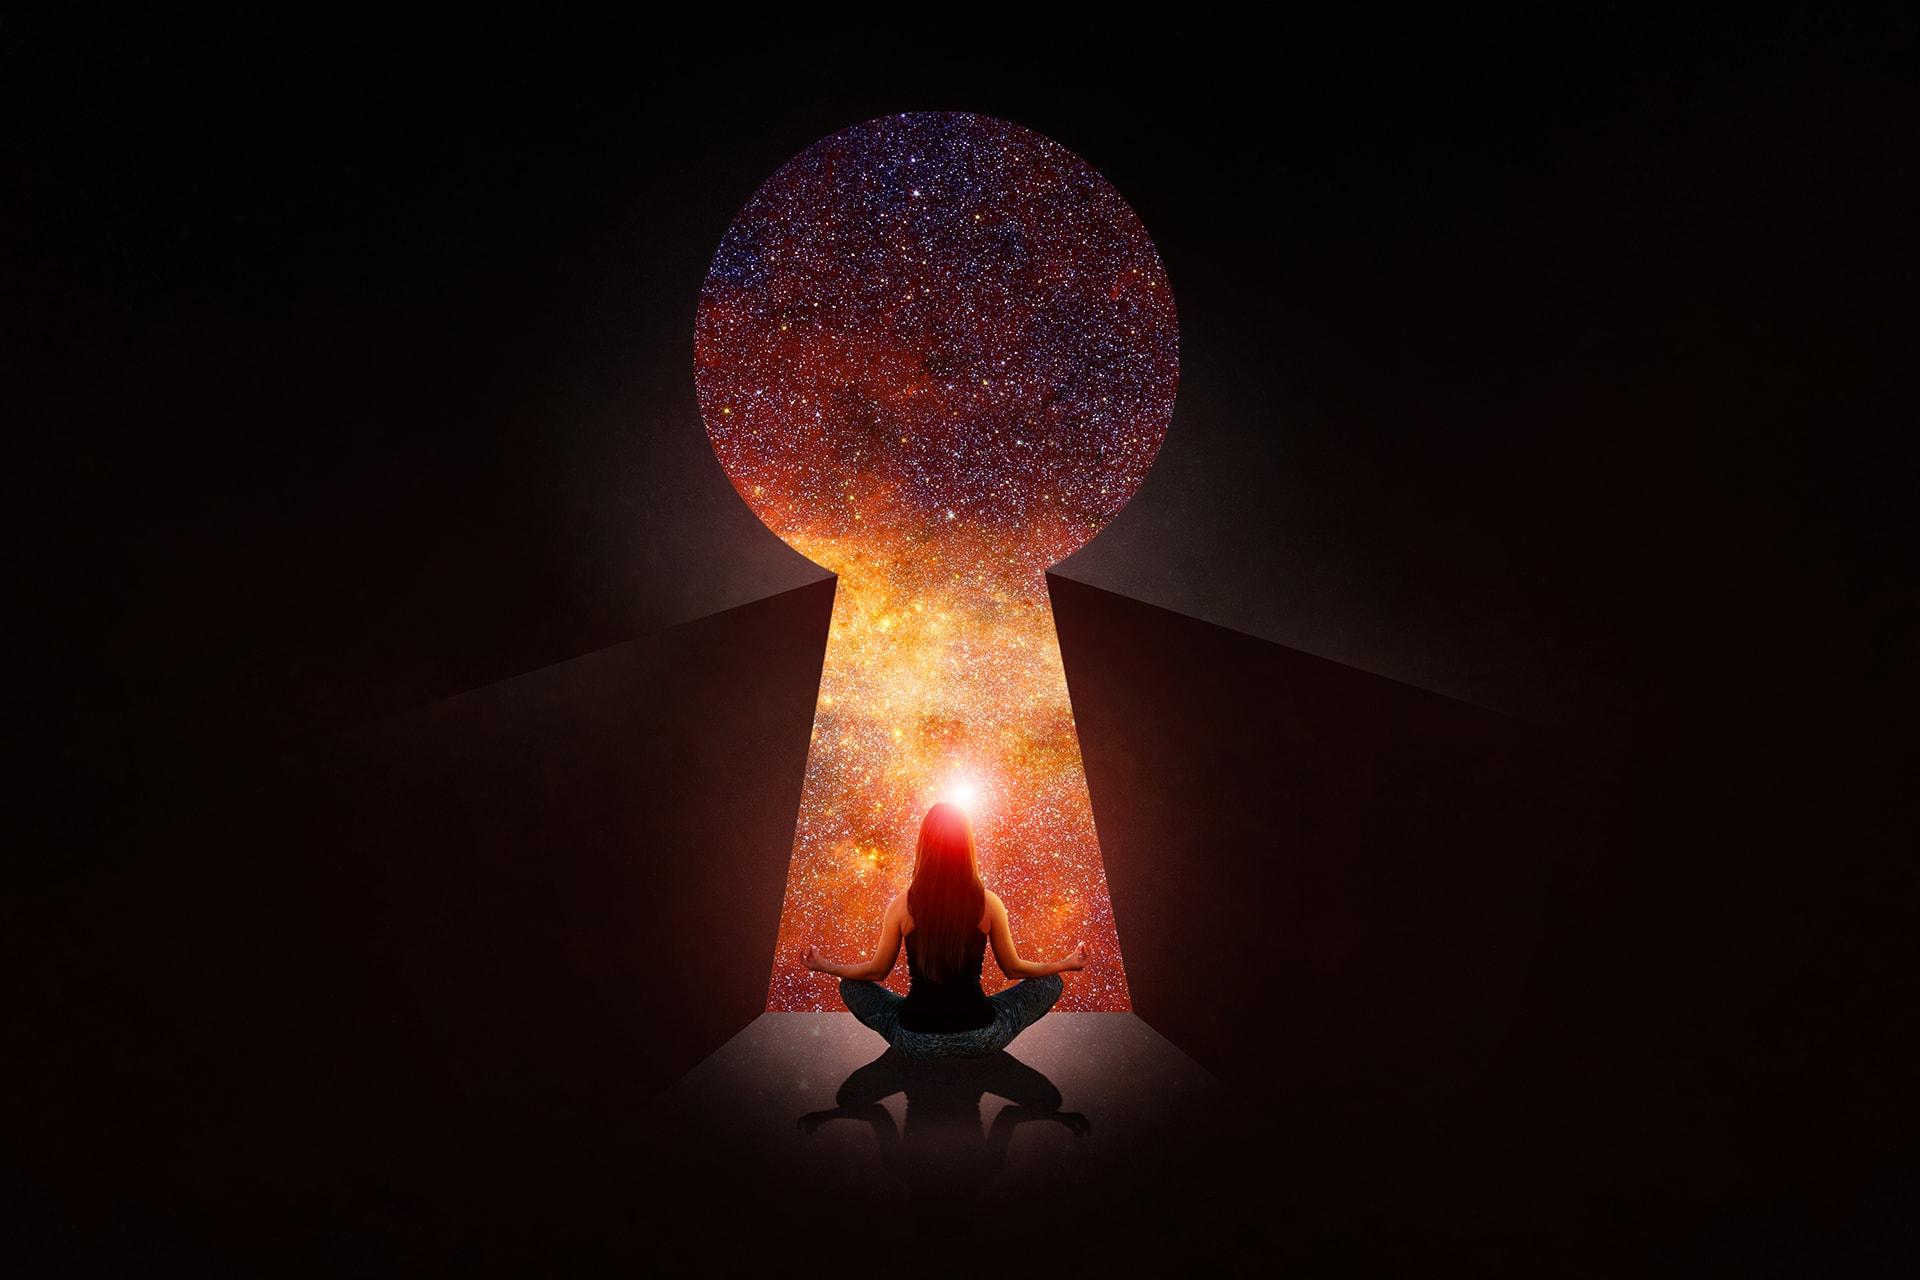 Institut Aurovida - Quelle clef avons-nous ?